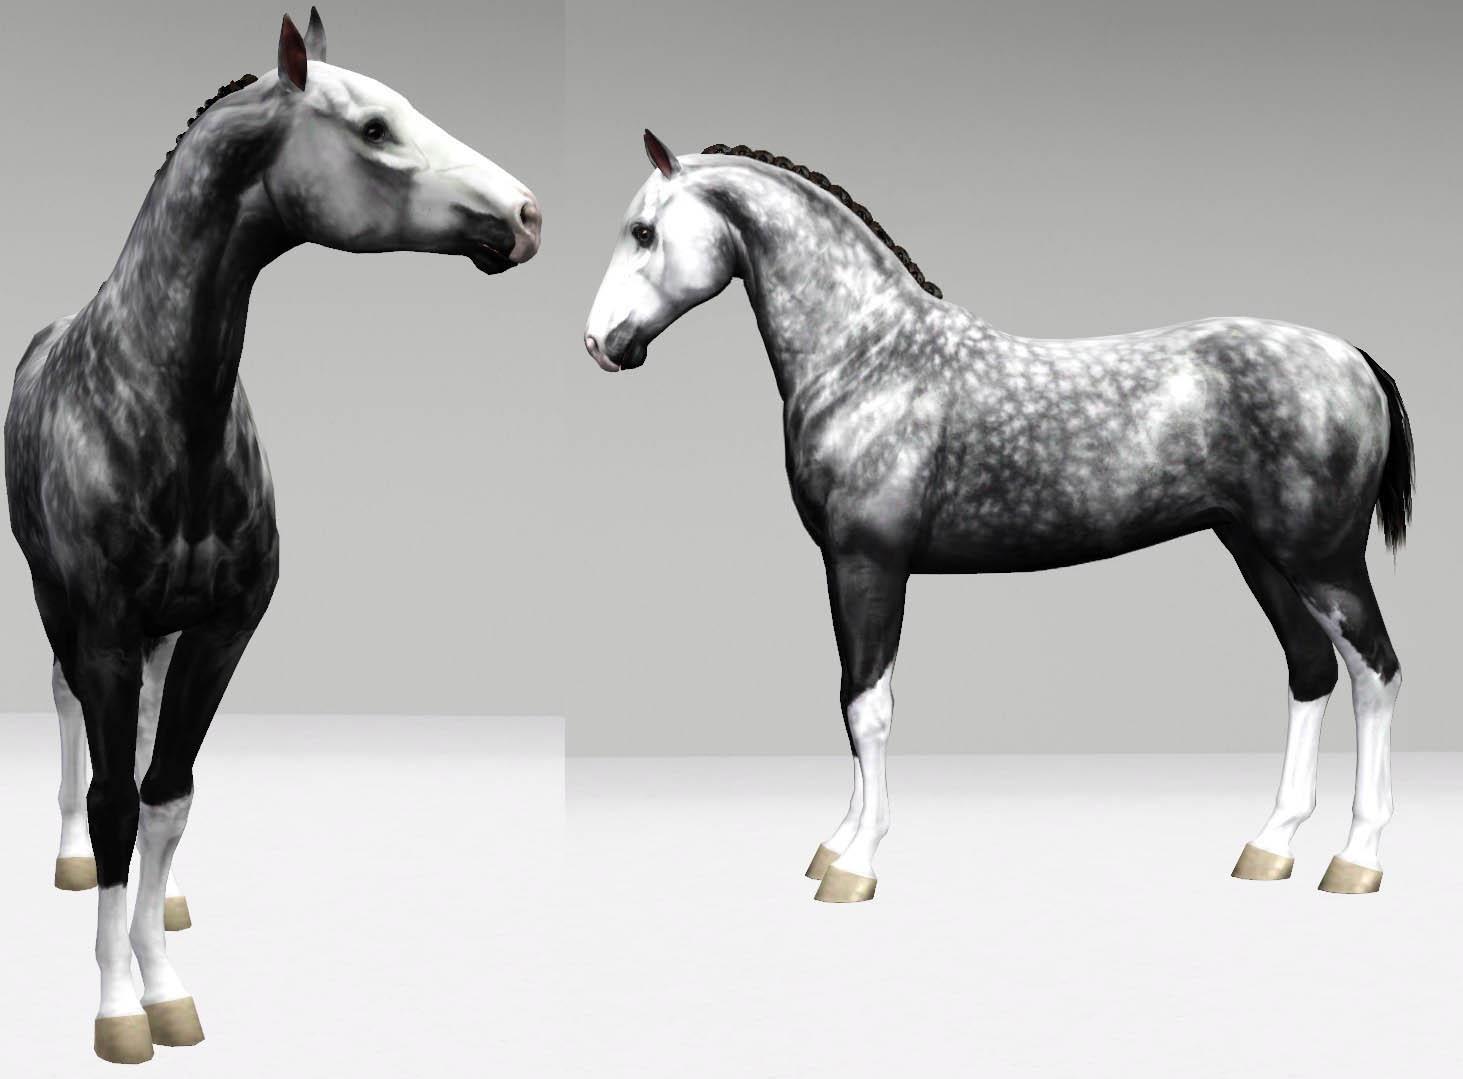 Регистрация лошадей в RHF 2 - Страница 8 Ga09LzSPrRY